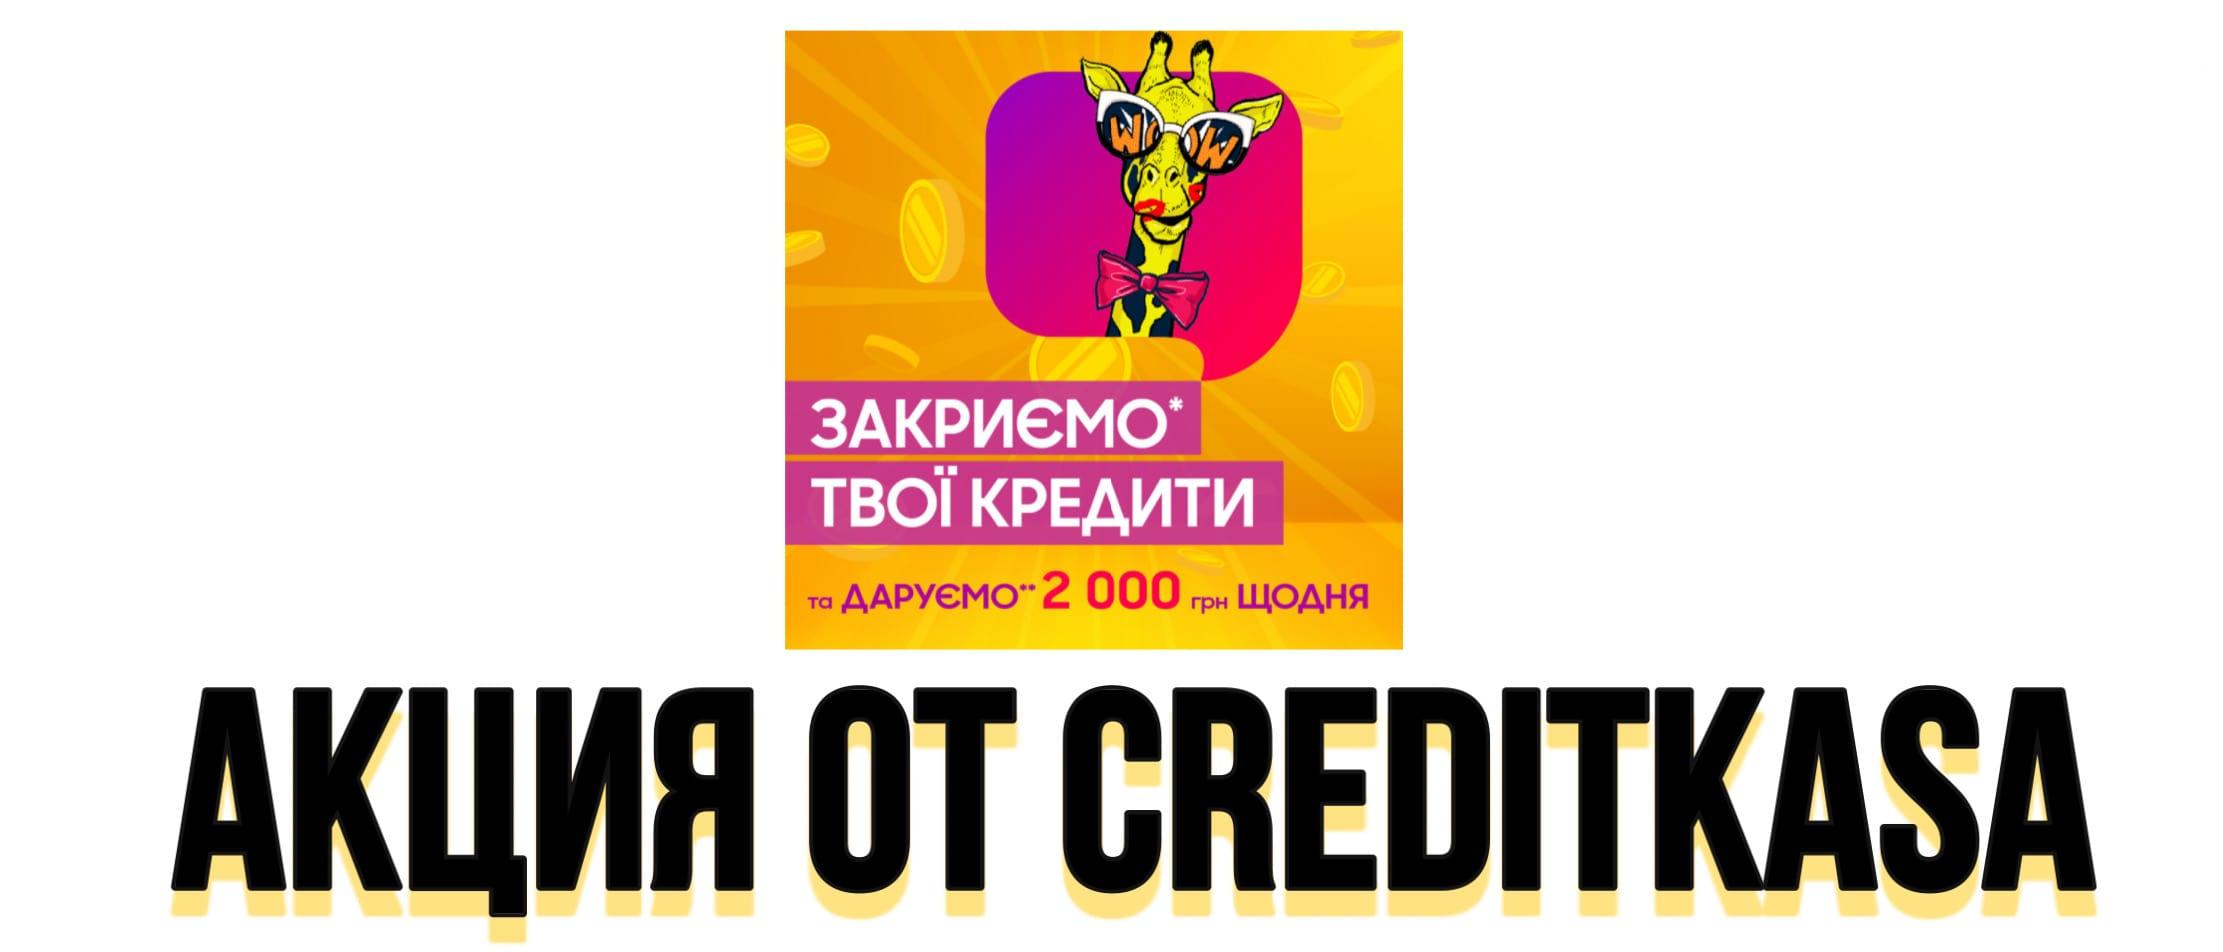 """Акция от CreditKasa """"закрытие всех твои кредитов»"""